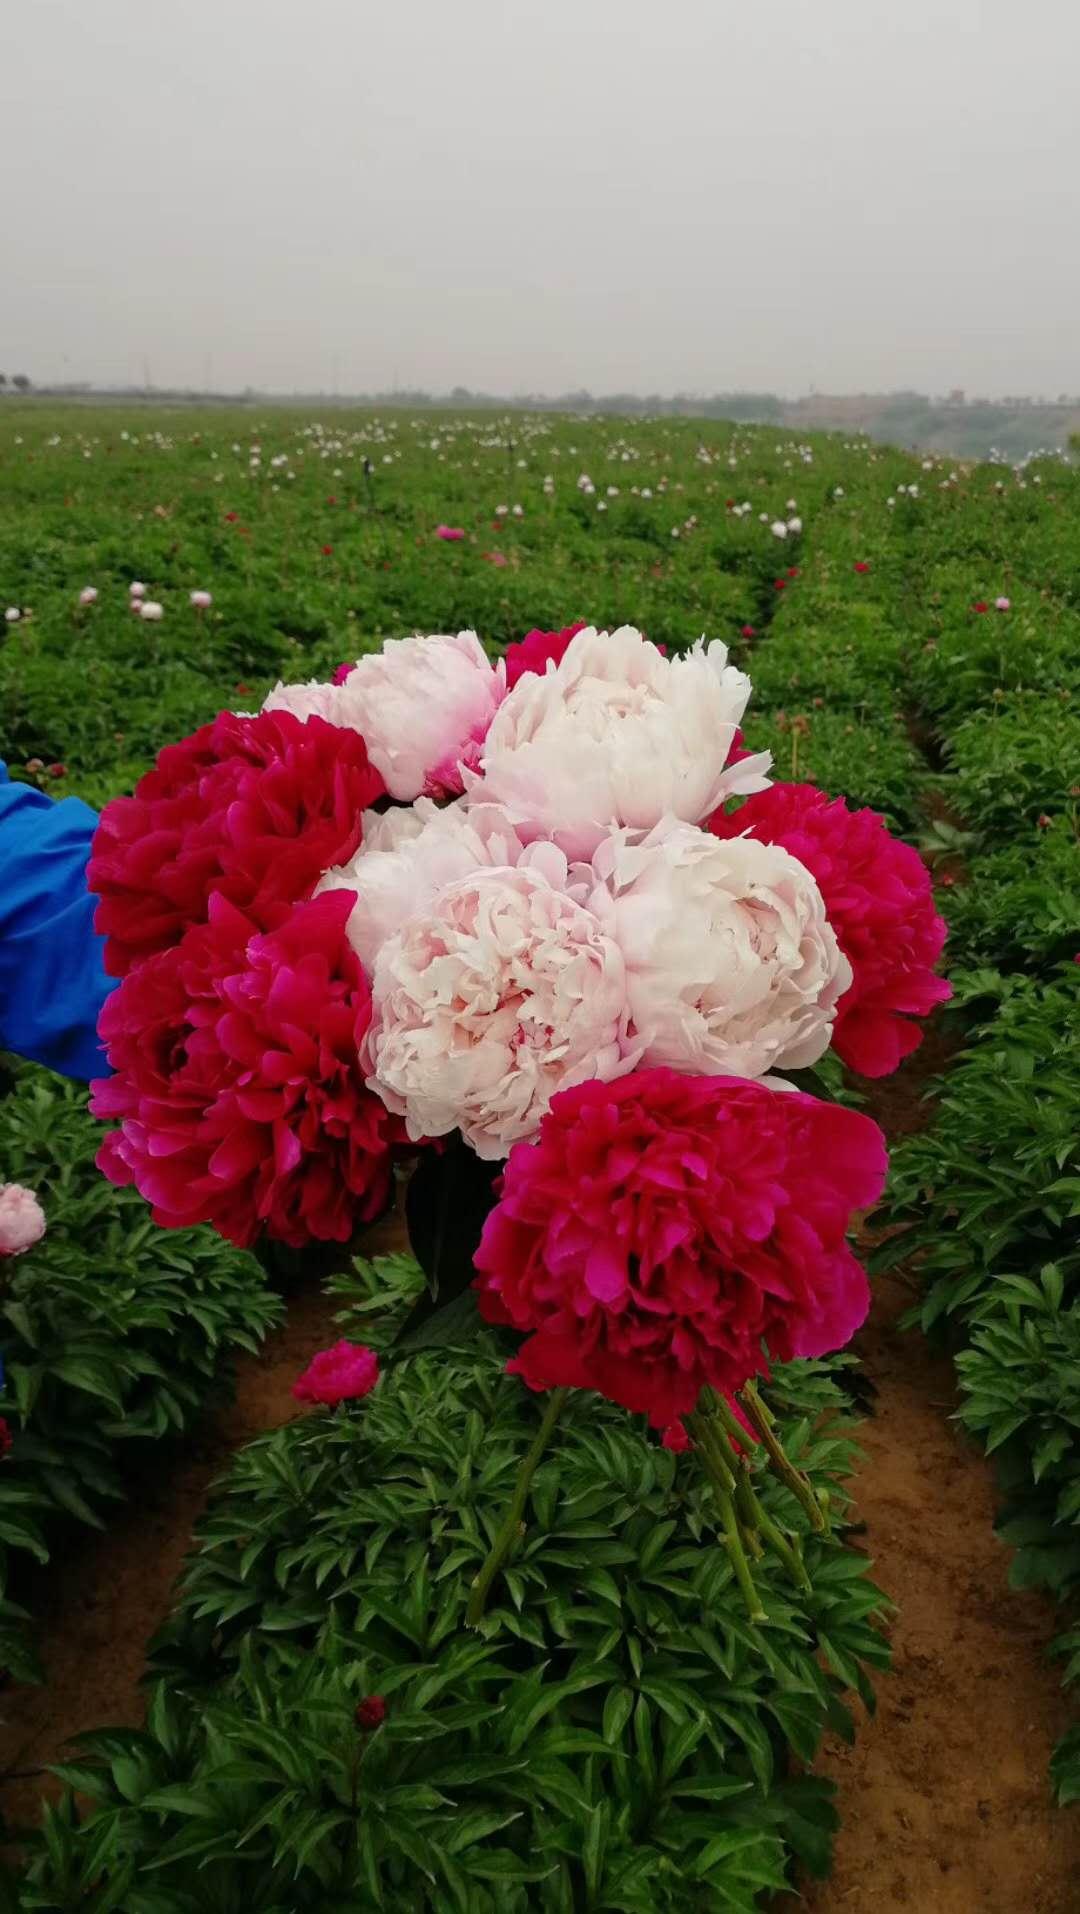 供应鲜花芍药、芍药鲜切花家庭装饰花卉